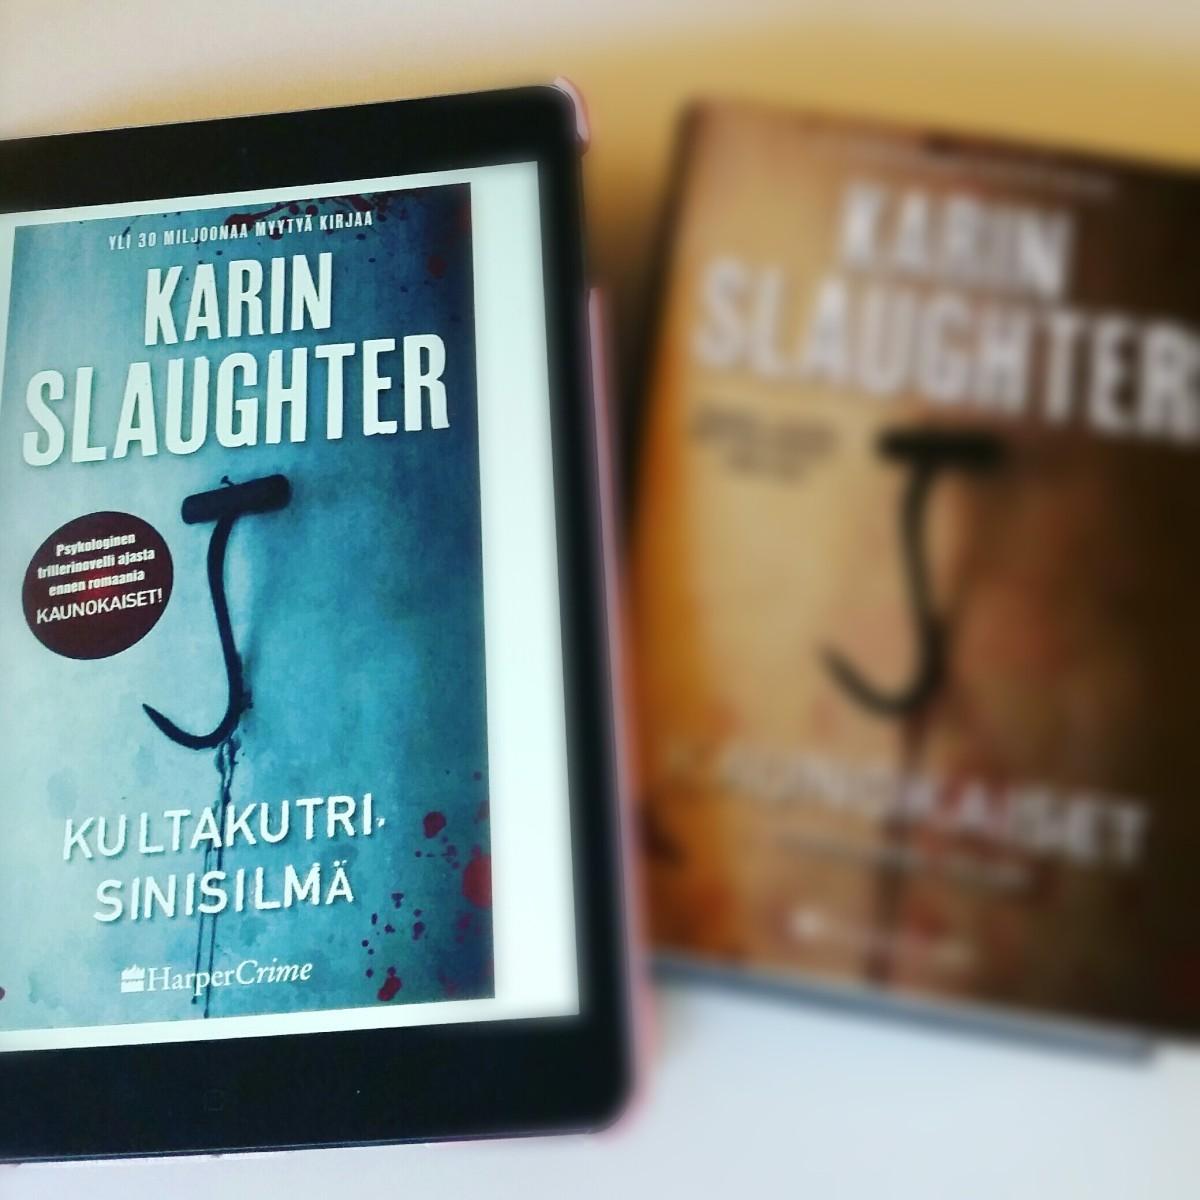 Karin Slaughter: Kultakutri, sinisilmä